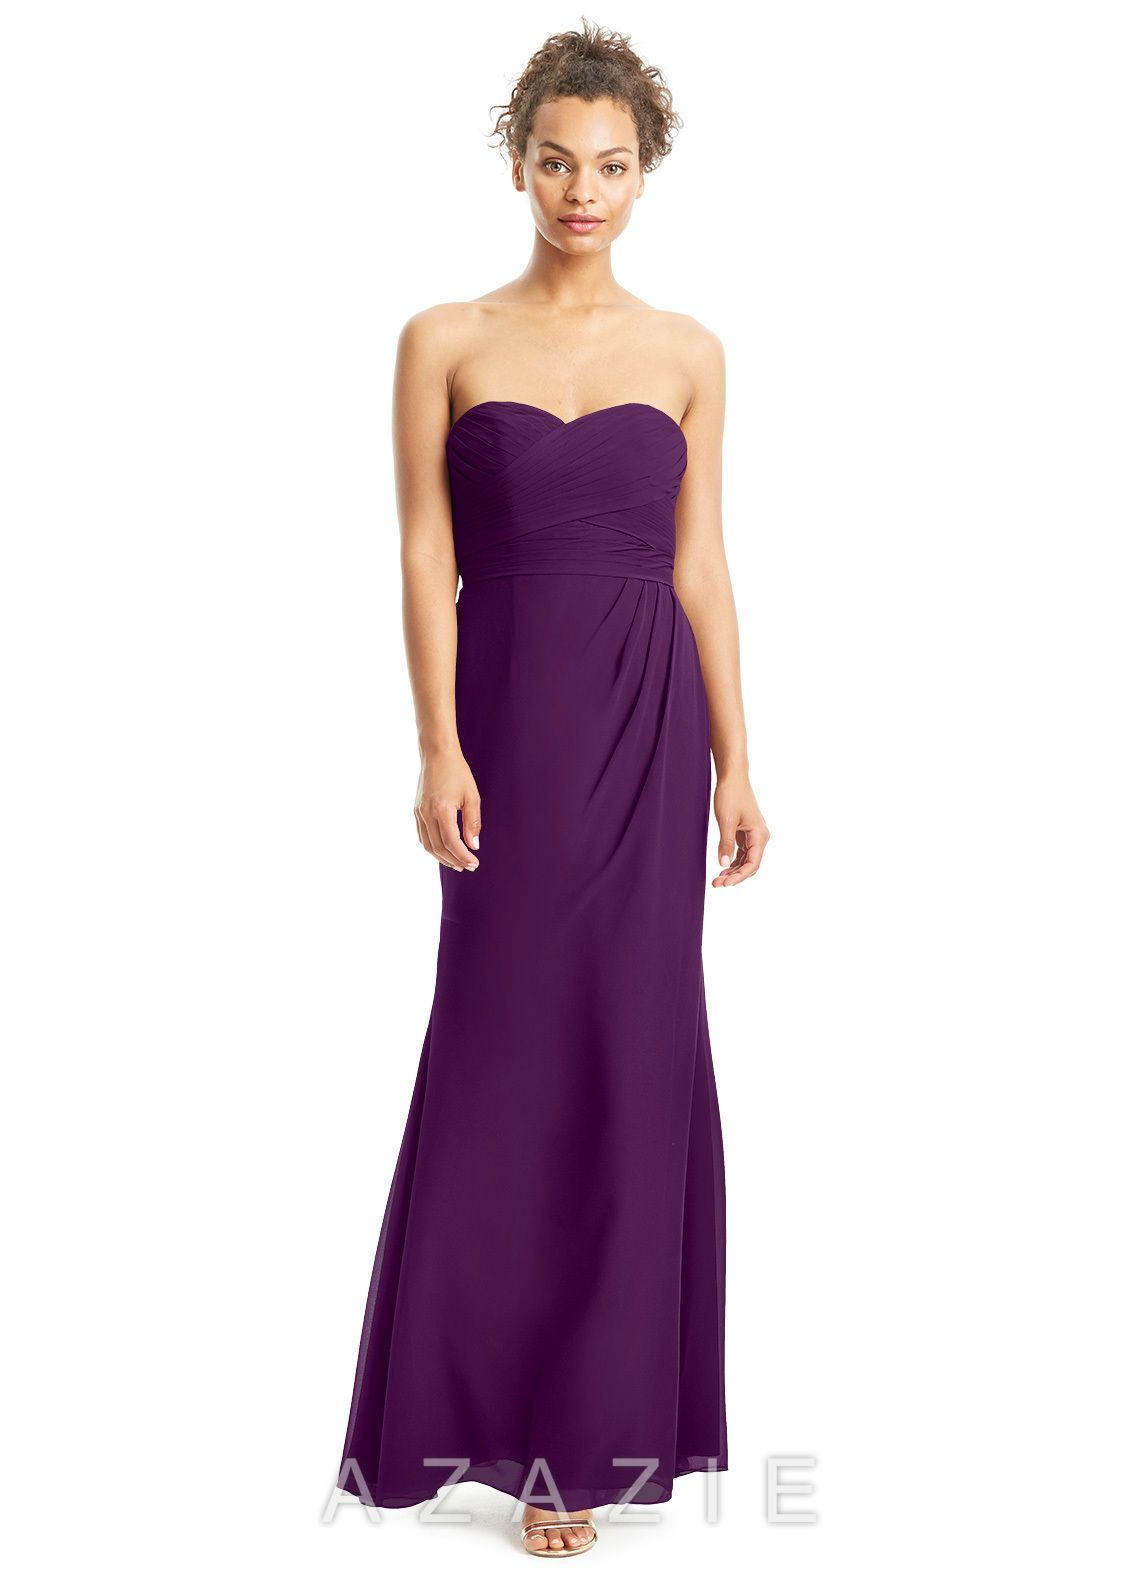 IVY - Bridesmaid Dress | Bridal parties and Weddings